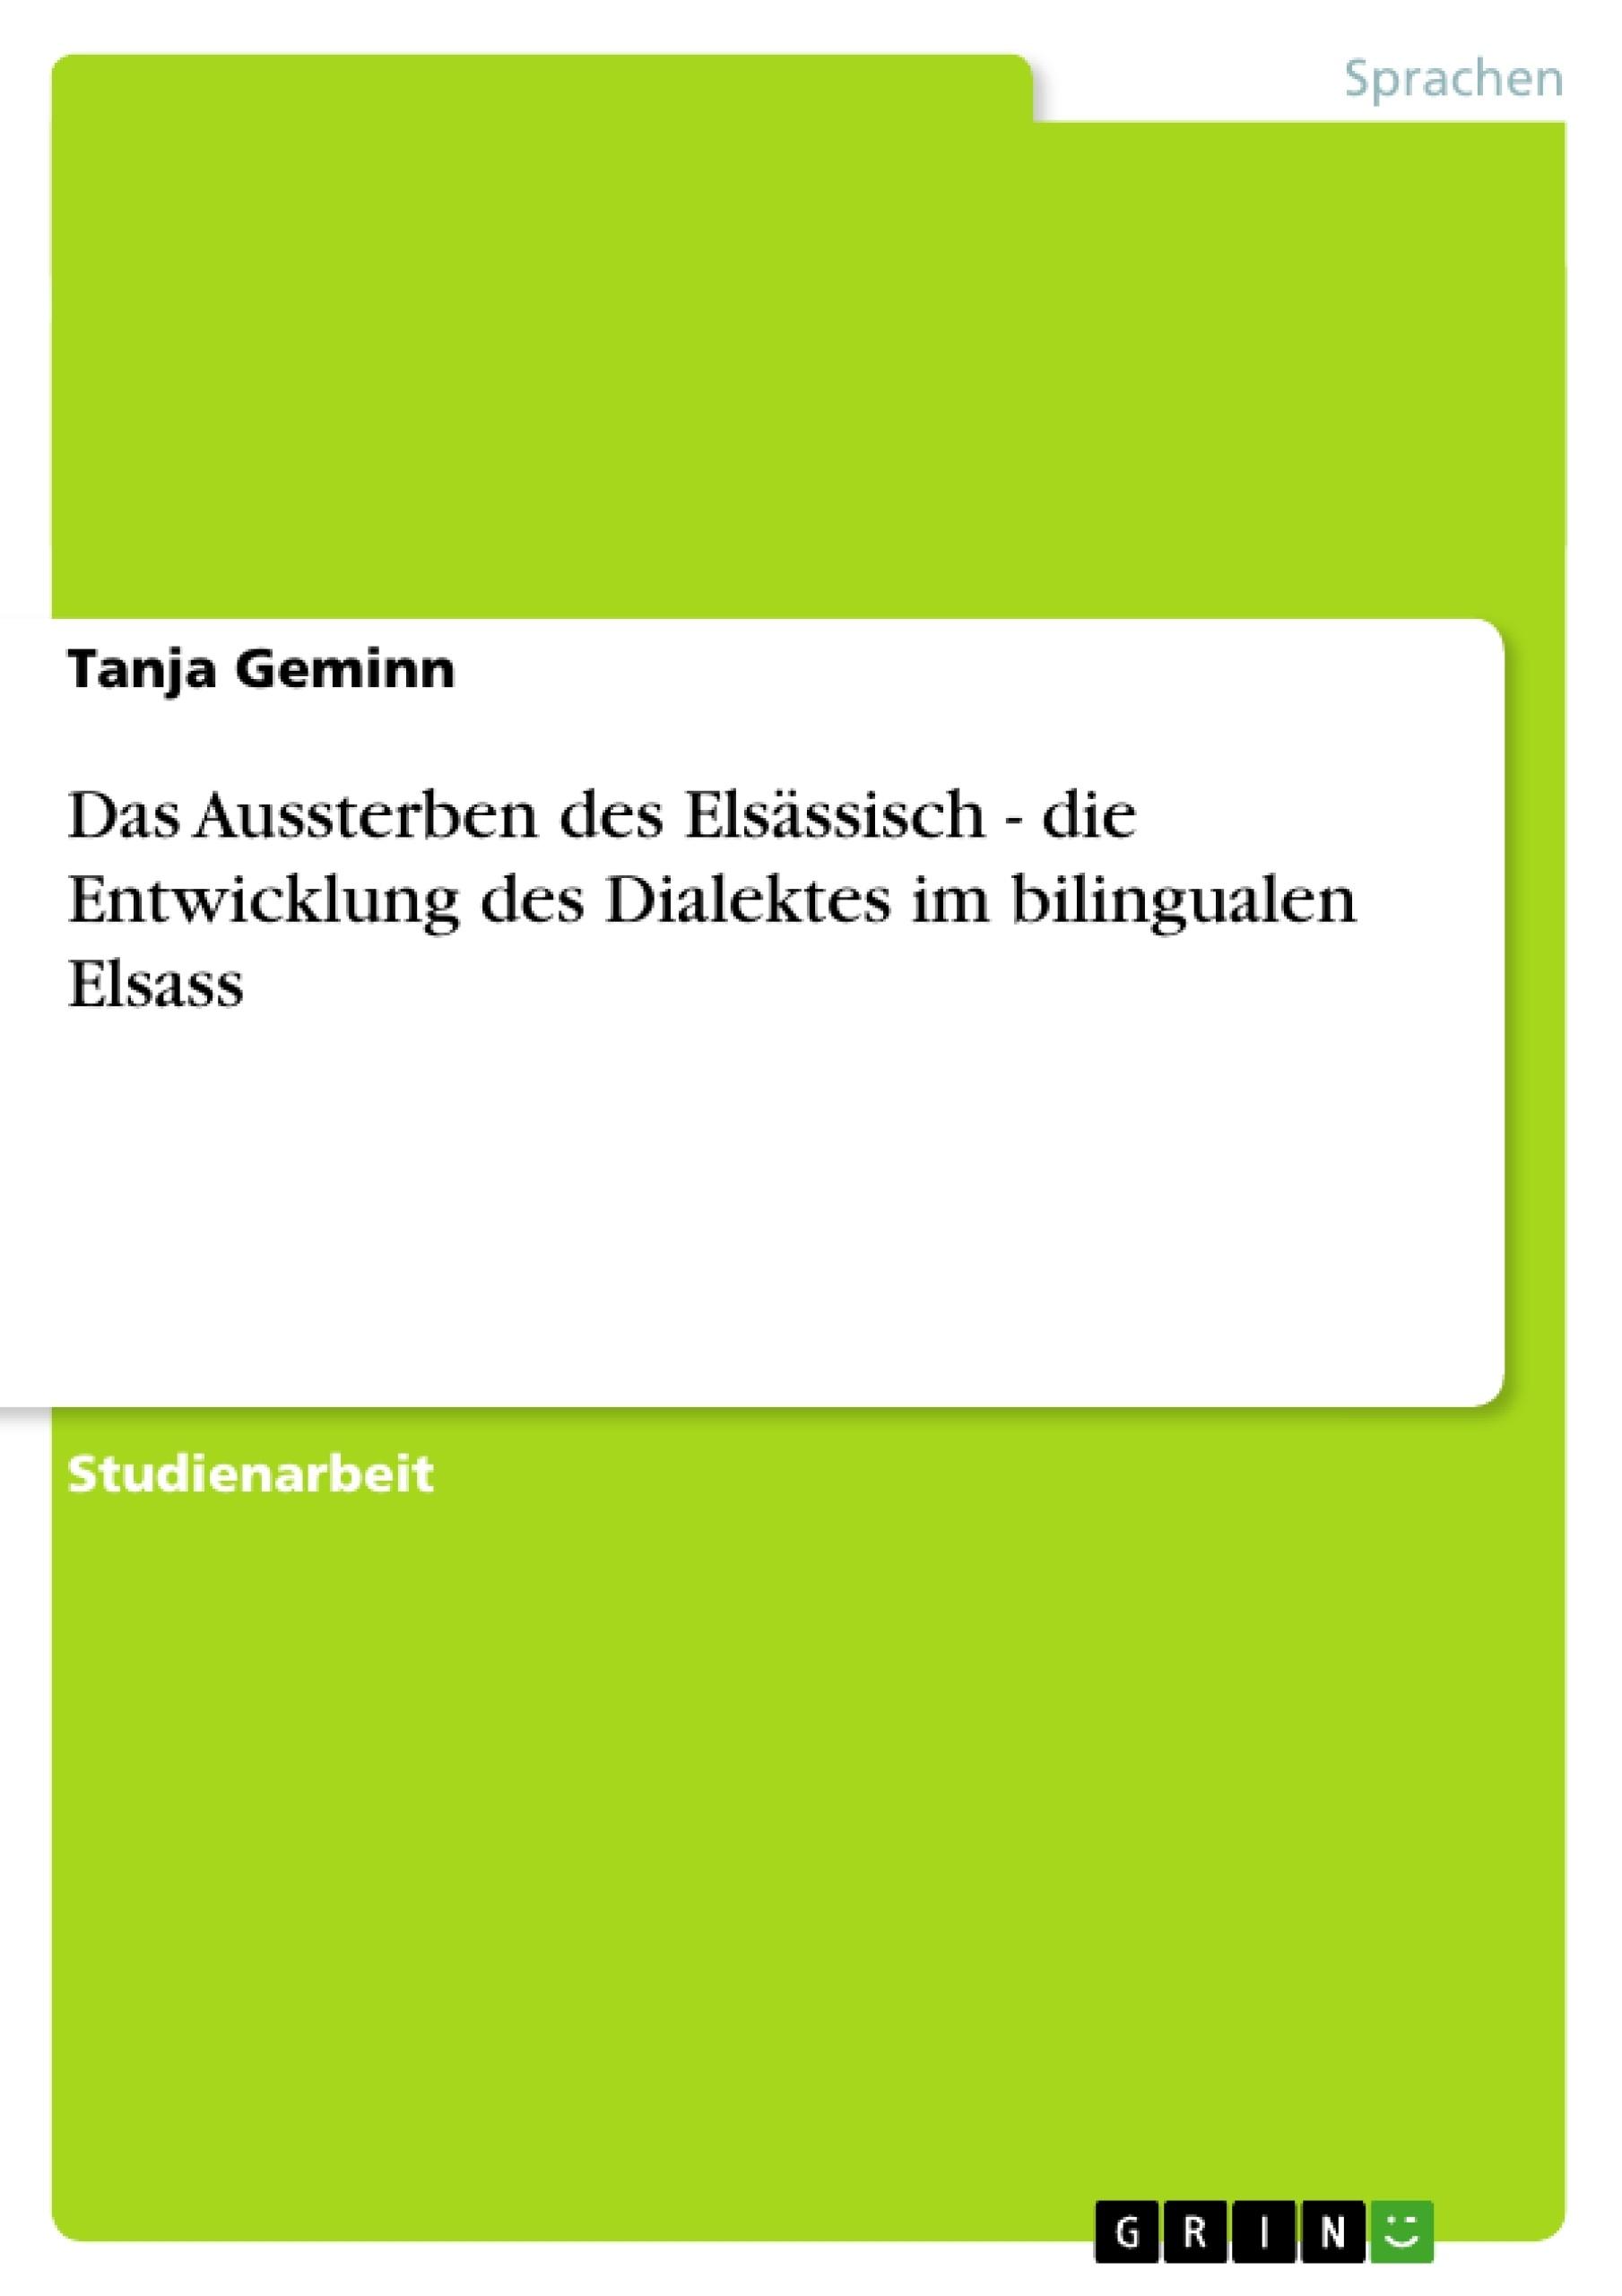 Titel: Das Aussterben des Elsässisch - die Entwicklung des Dialektes im bilingualen Elsass